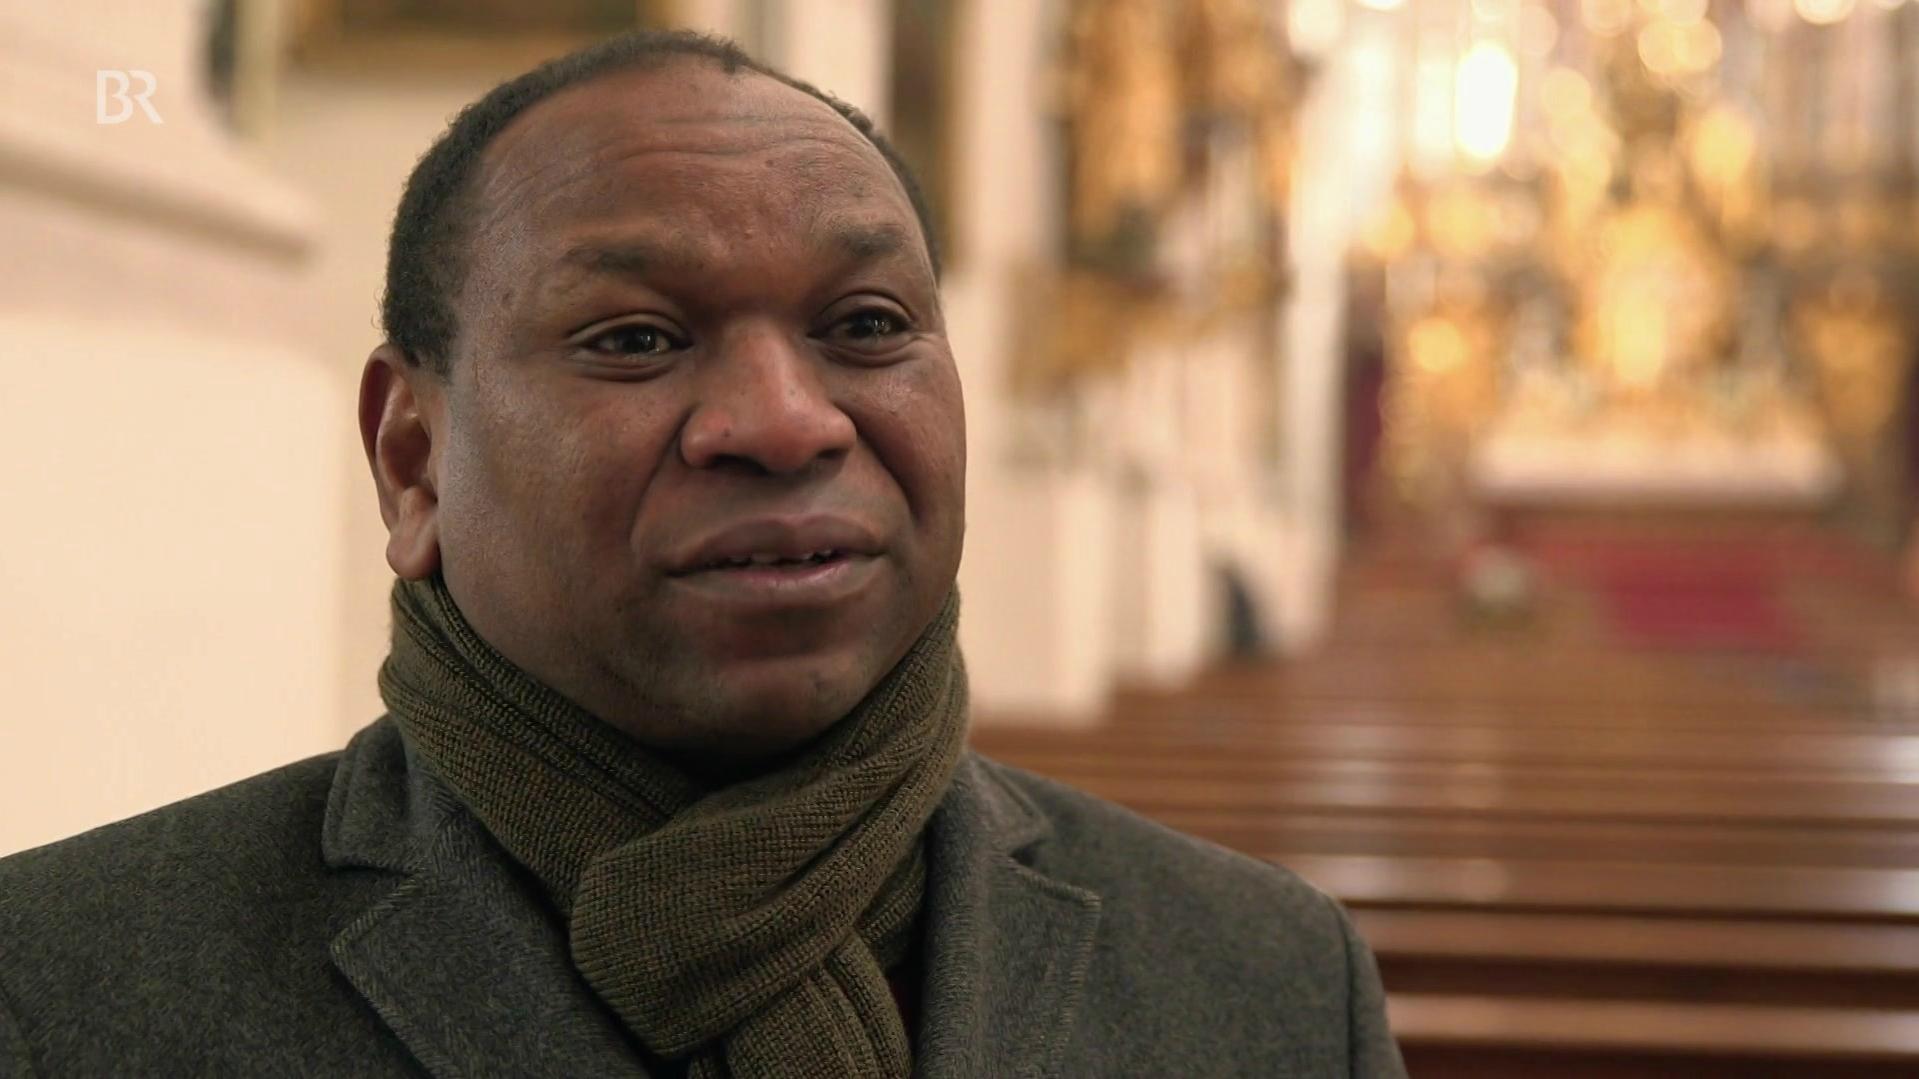 Yassir Eric kämpfte früher gegen Christen. Heute lehrt er religiöse Toleranz.